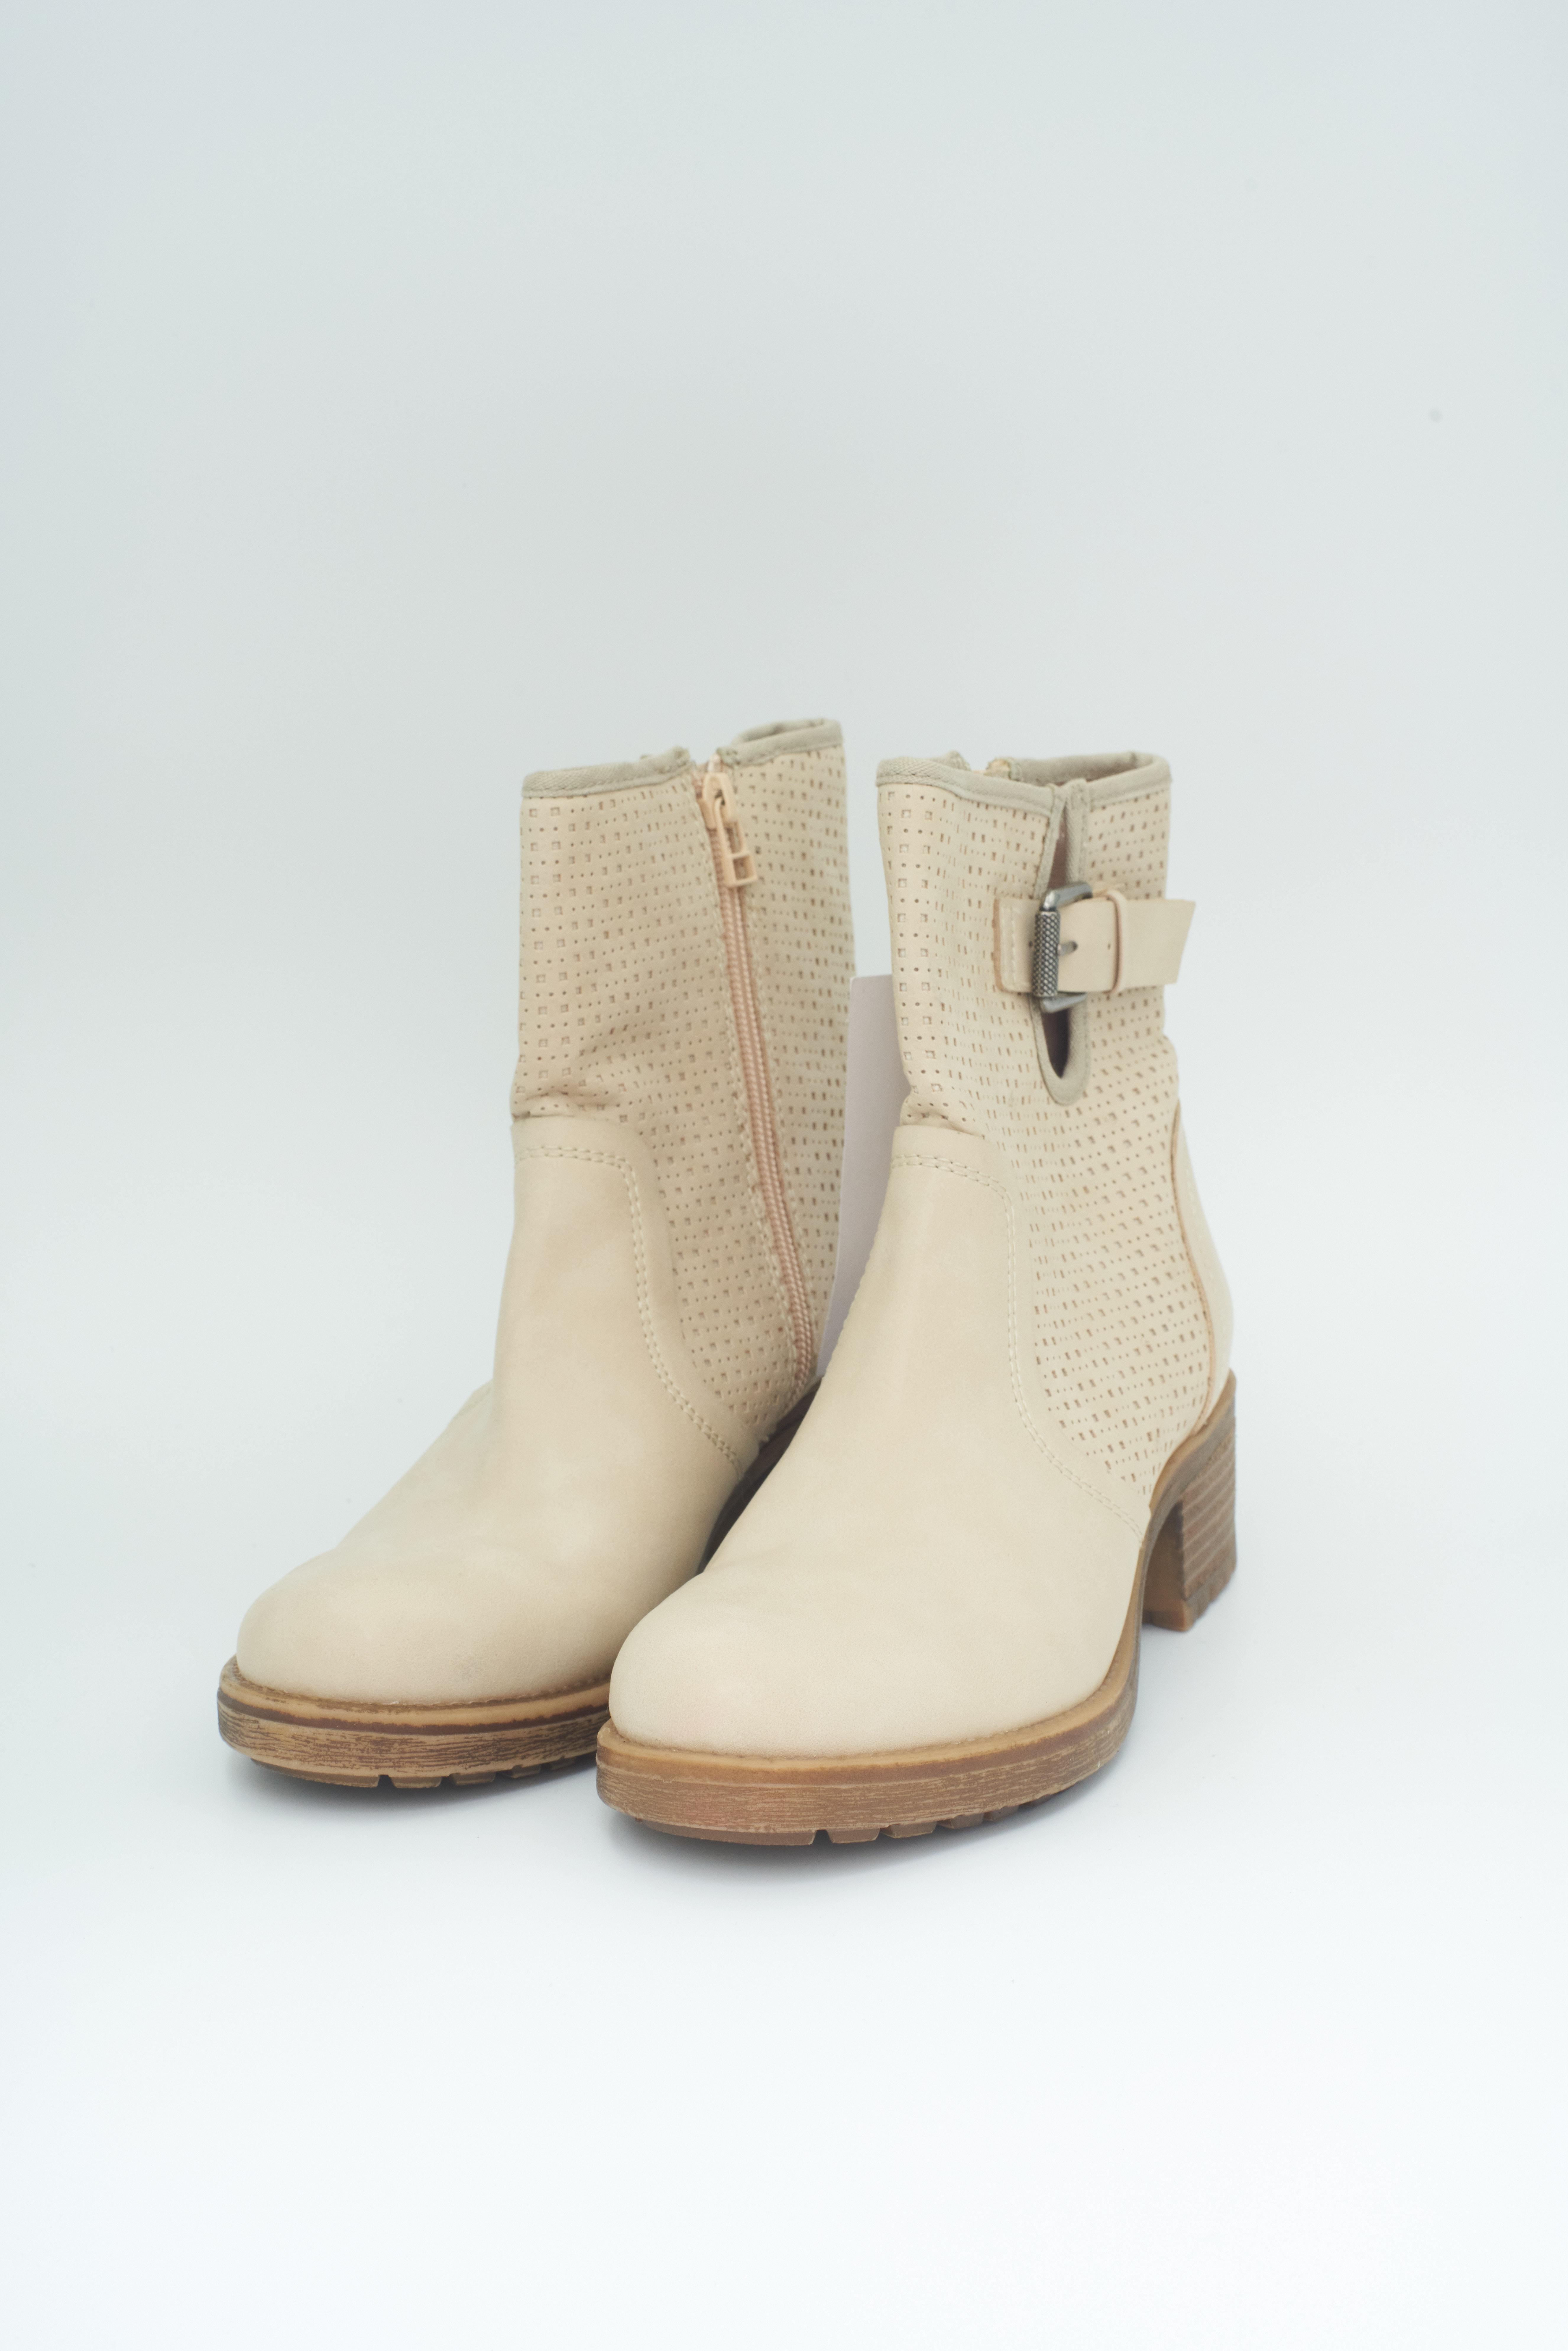 Esprit Stiefel / Stiefelette / Boots Beige Gr.39